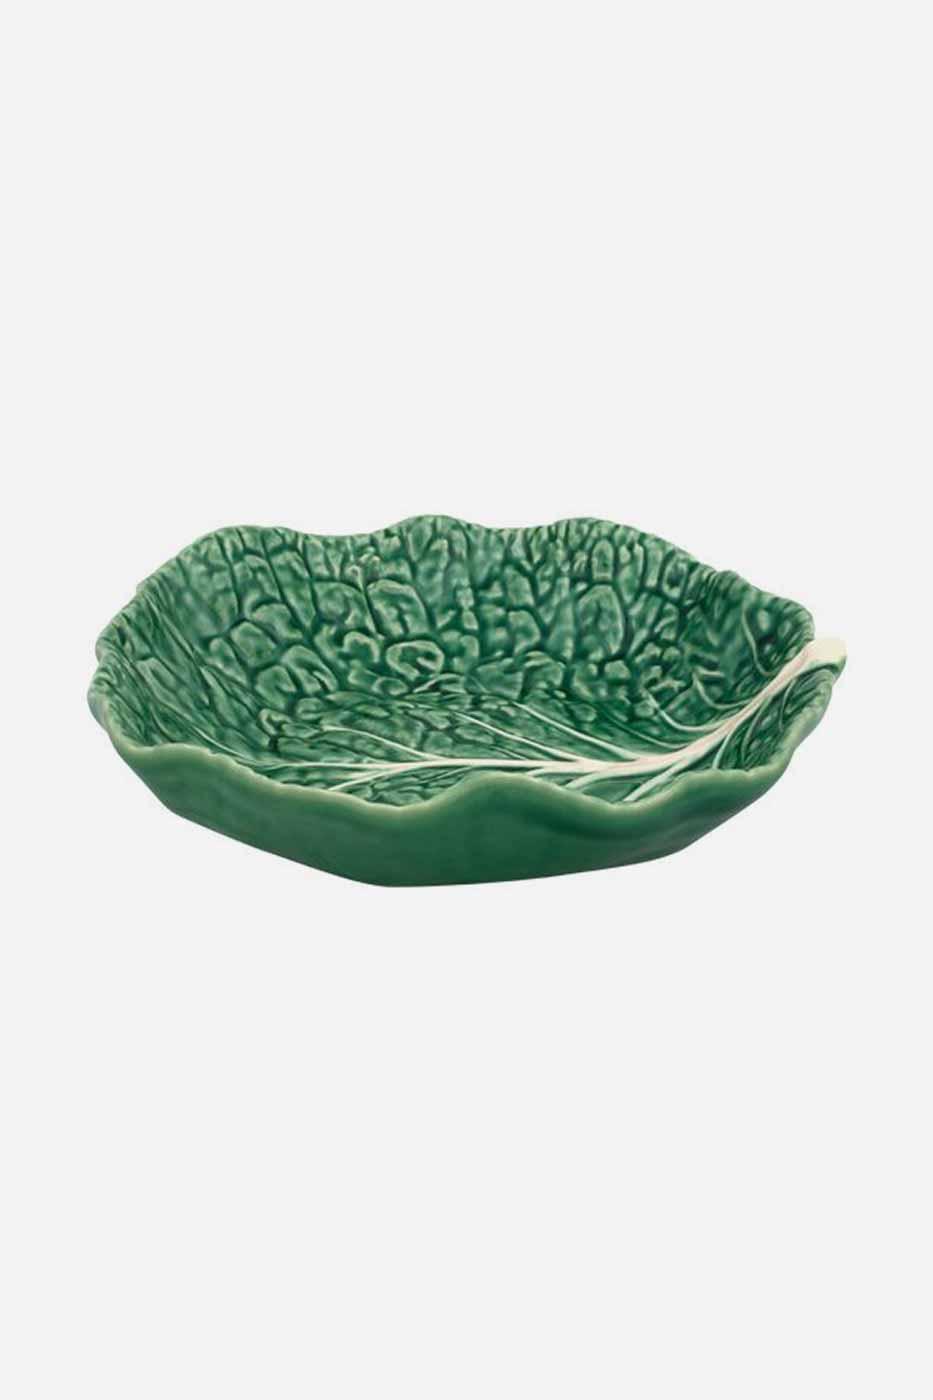 Skål Sallad Kål 28,5cm grön